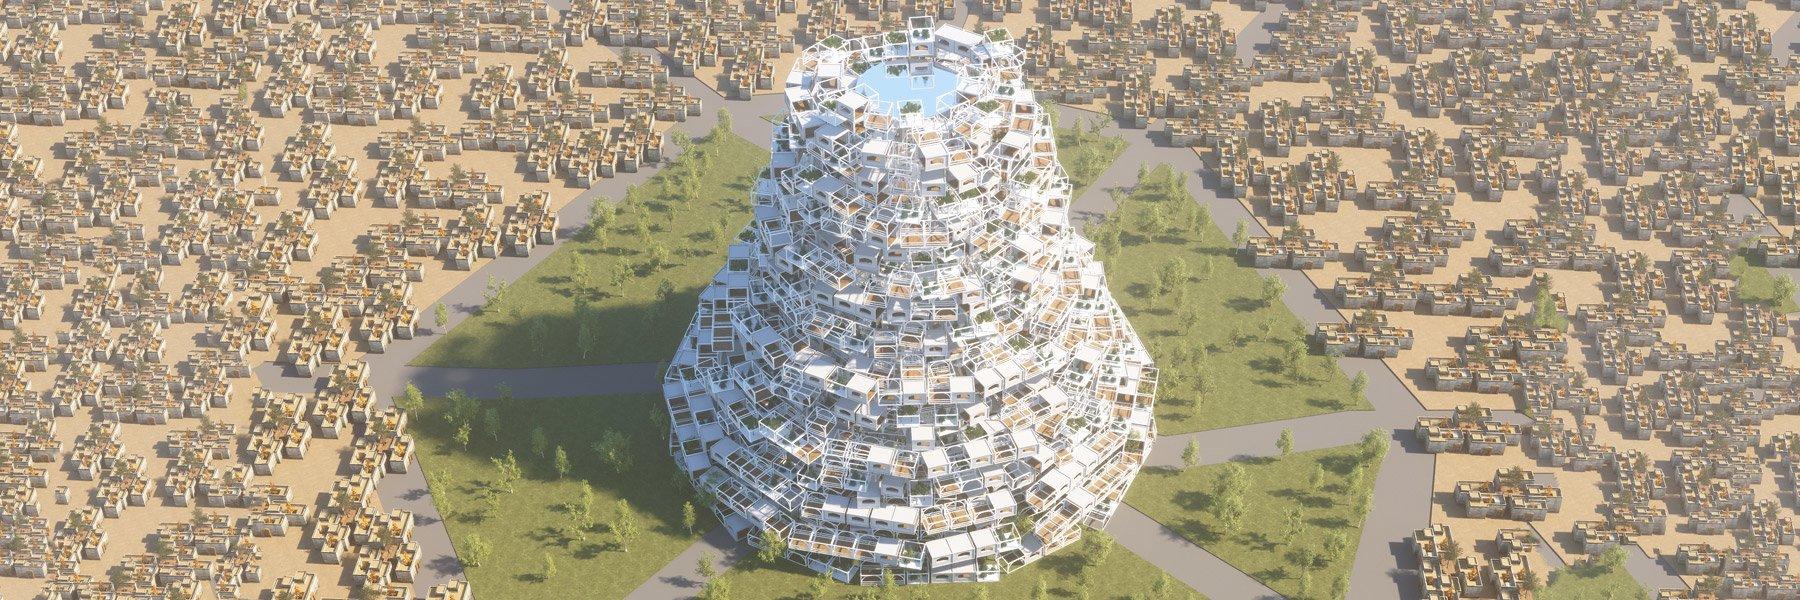 Türk Öğrencilerden Savaş Sonrası Musul'a Yeni Babil Kulesi Tasarımı